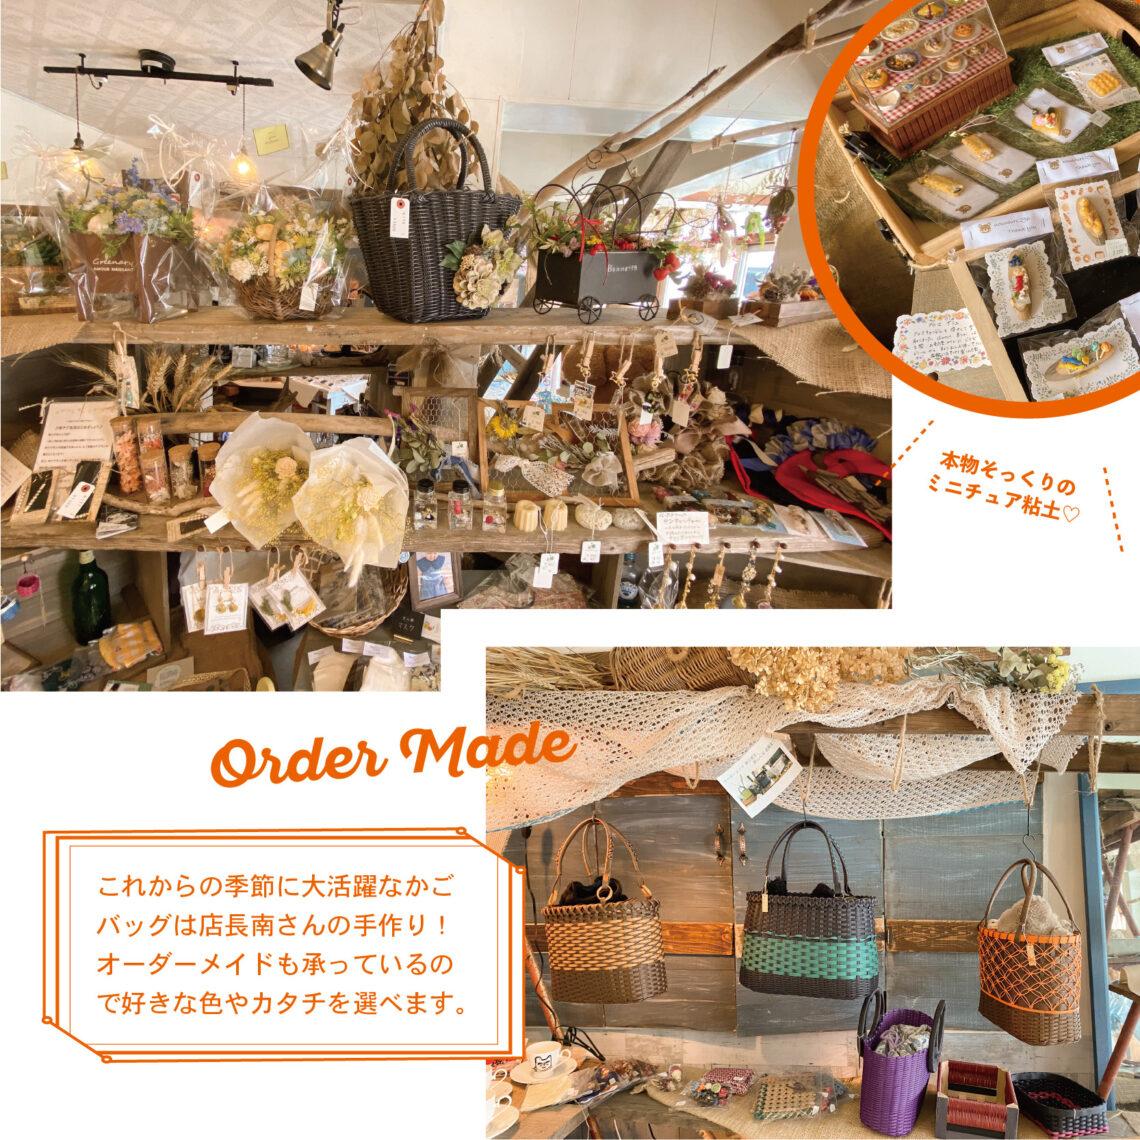 手作りのオシャレ雑貨が集まる 小さな市場【petit marche -プチマルシェ-】